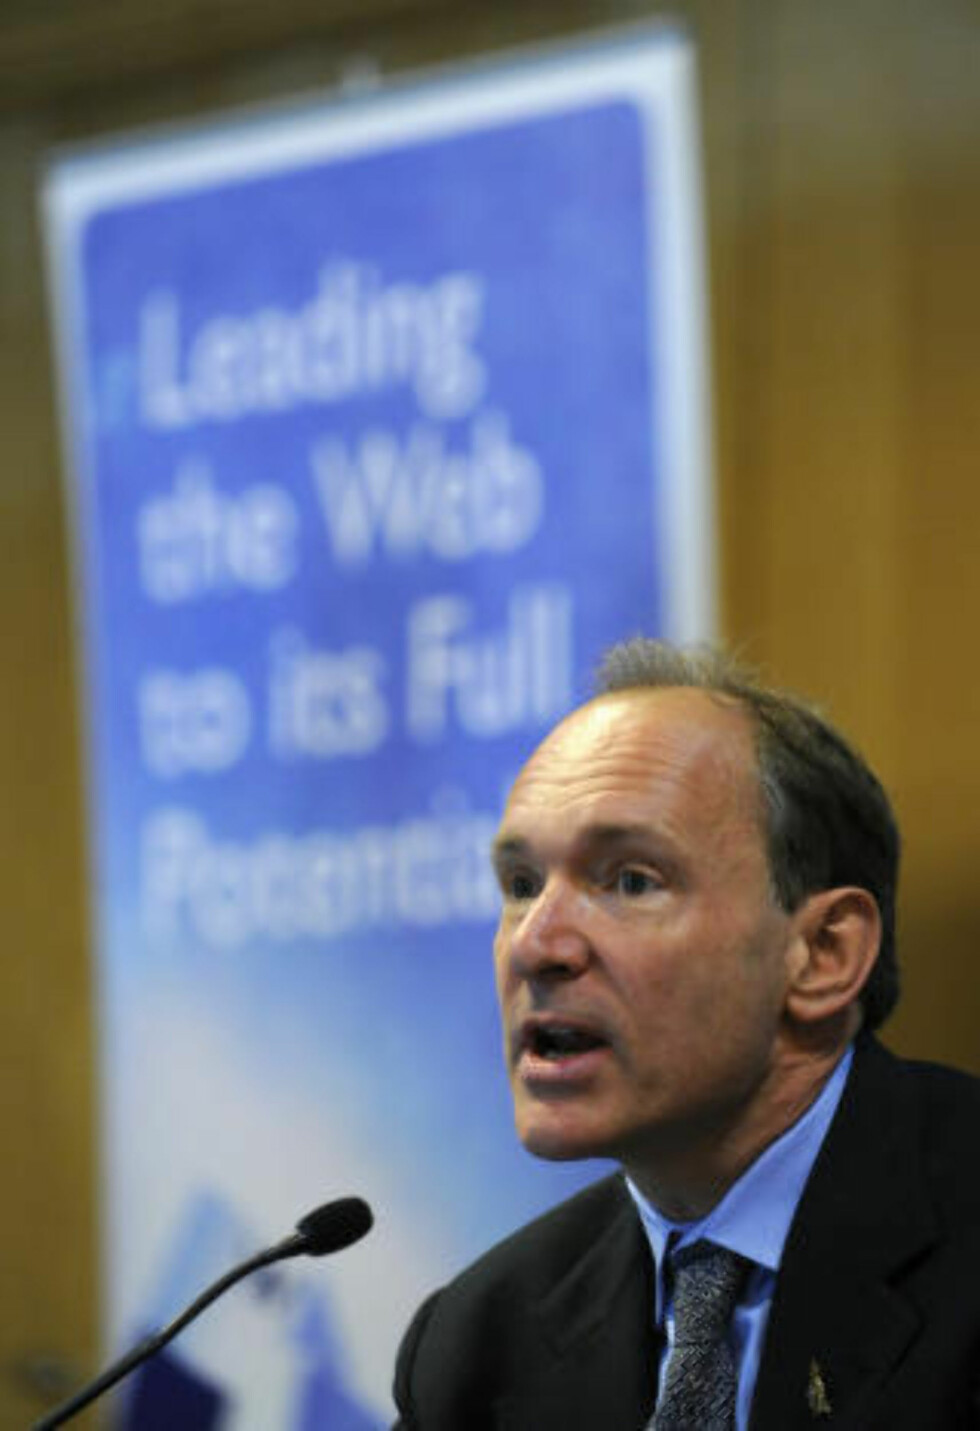 ADVARER: Tim Berners-Lee er webens far, og har en rekke ganger advart mot å tukle med nettnøytraliteten.. Foto: SCANPIX